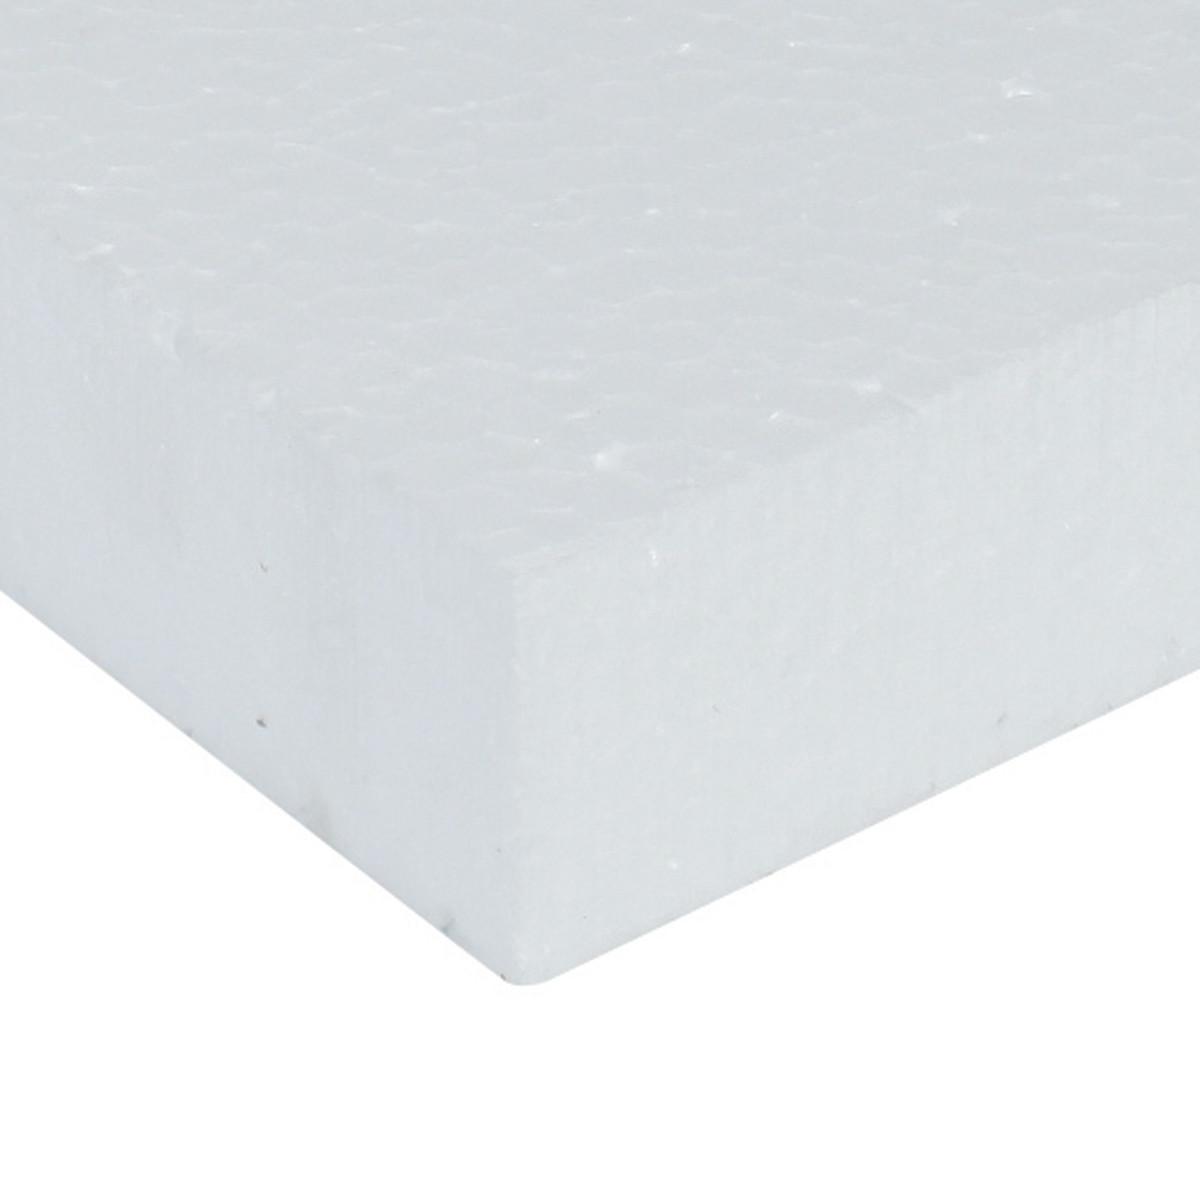 Idee orto recinto for Pannelli isolanti termici per interni